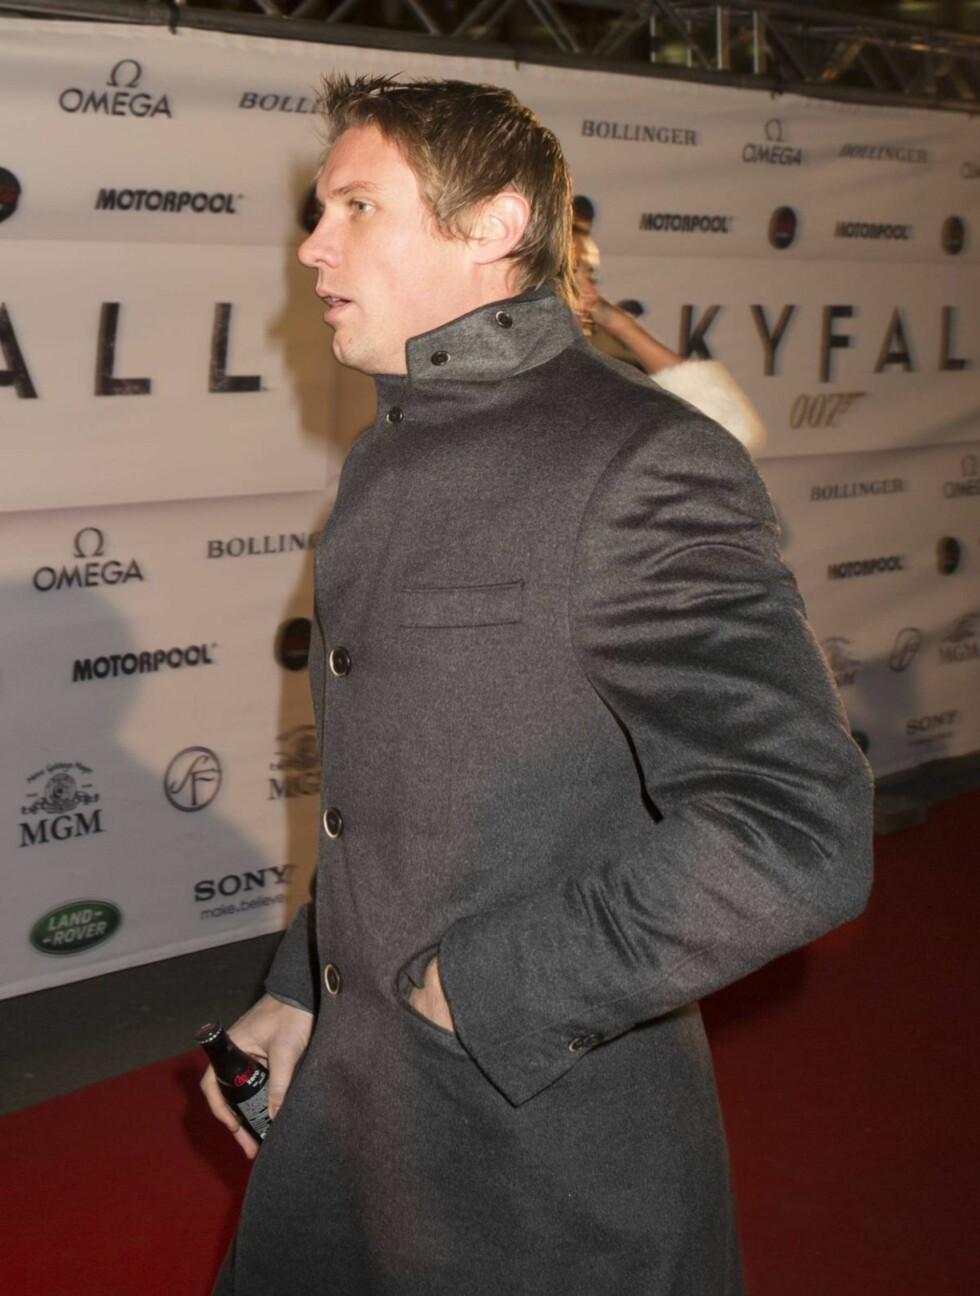 HASTET INN: Spydkaster Andreas Thorkildsen fortet seg inn til premieren noen minutter før agent 007 entret lerretet. Foto: Espen Solli / Se og Hør